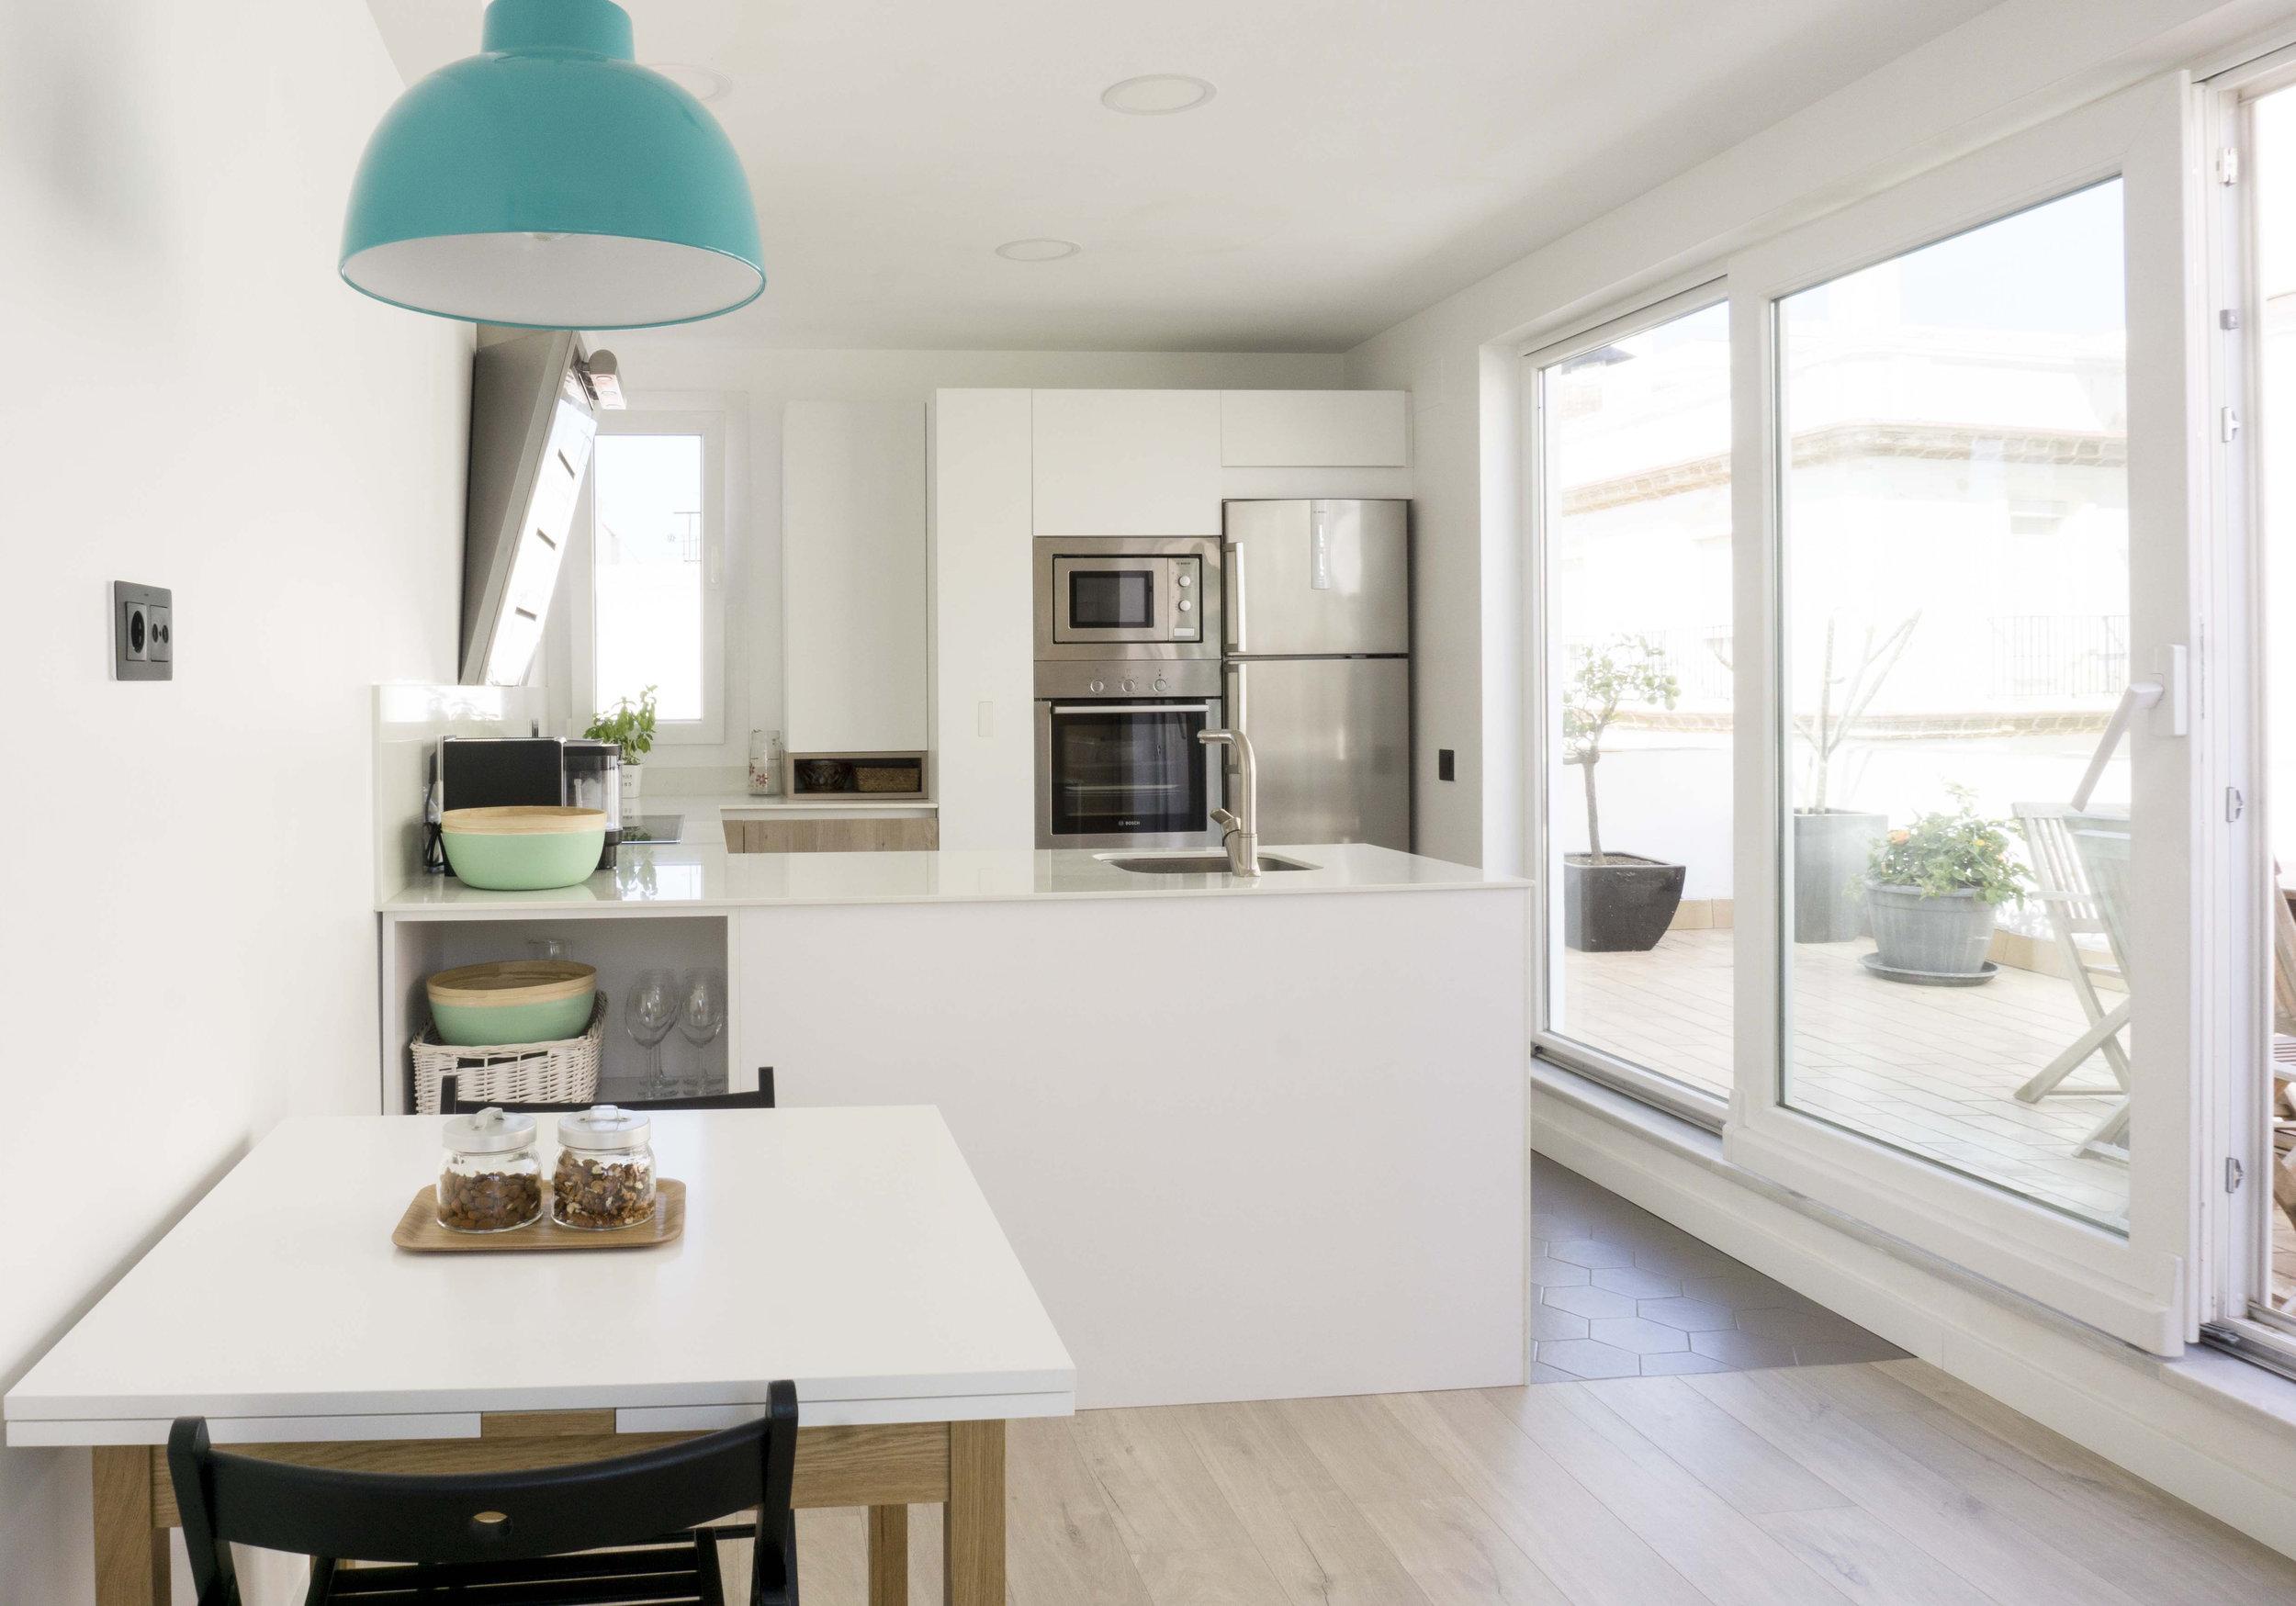 emmme studio AD cocina el hogar de Laura y Pedro.jpg